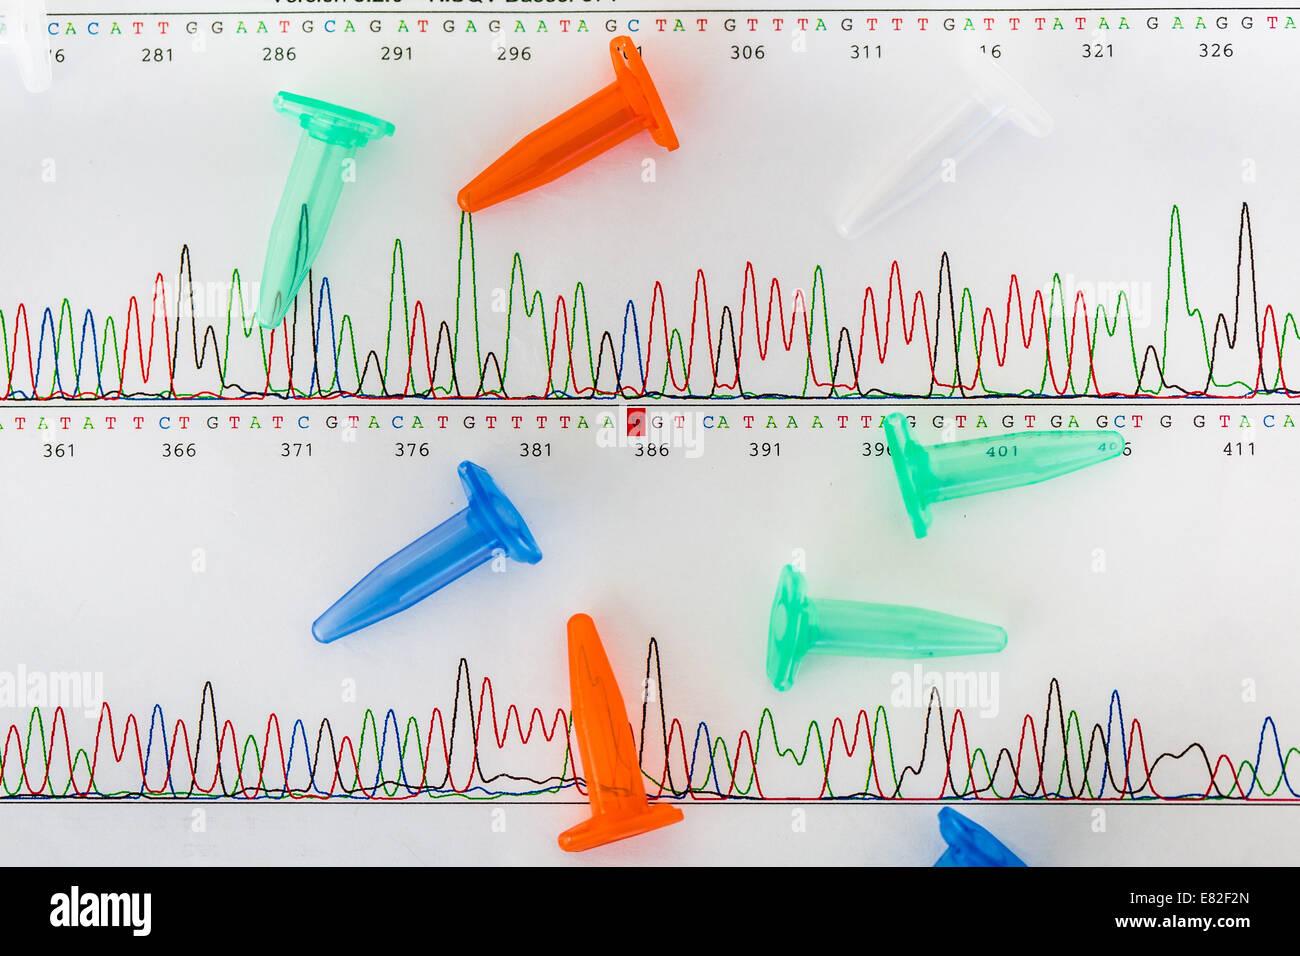 Eppendorf-Röhrchen auf Grafiken zeigen die Ergebnisse der Sequenzierung der DNA (Desoxyribonukleinsäure). Stockbild